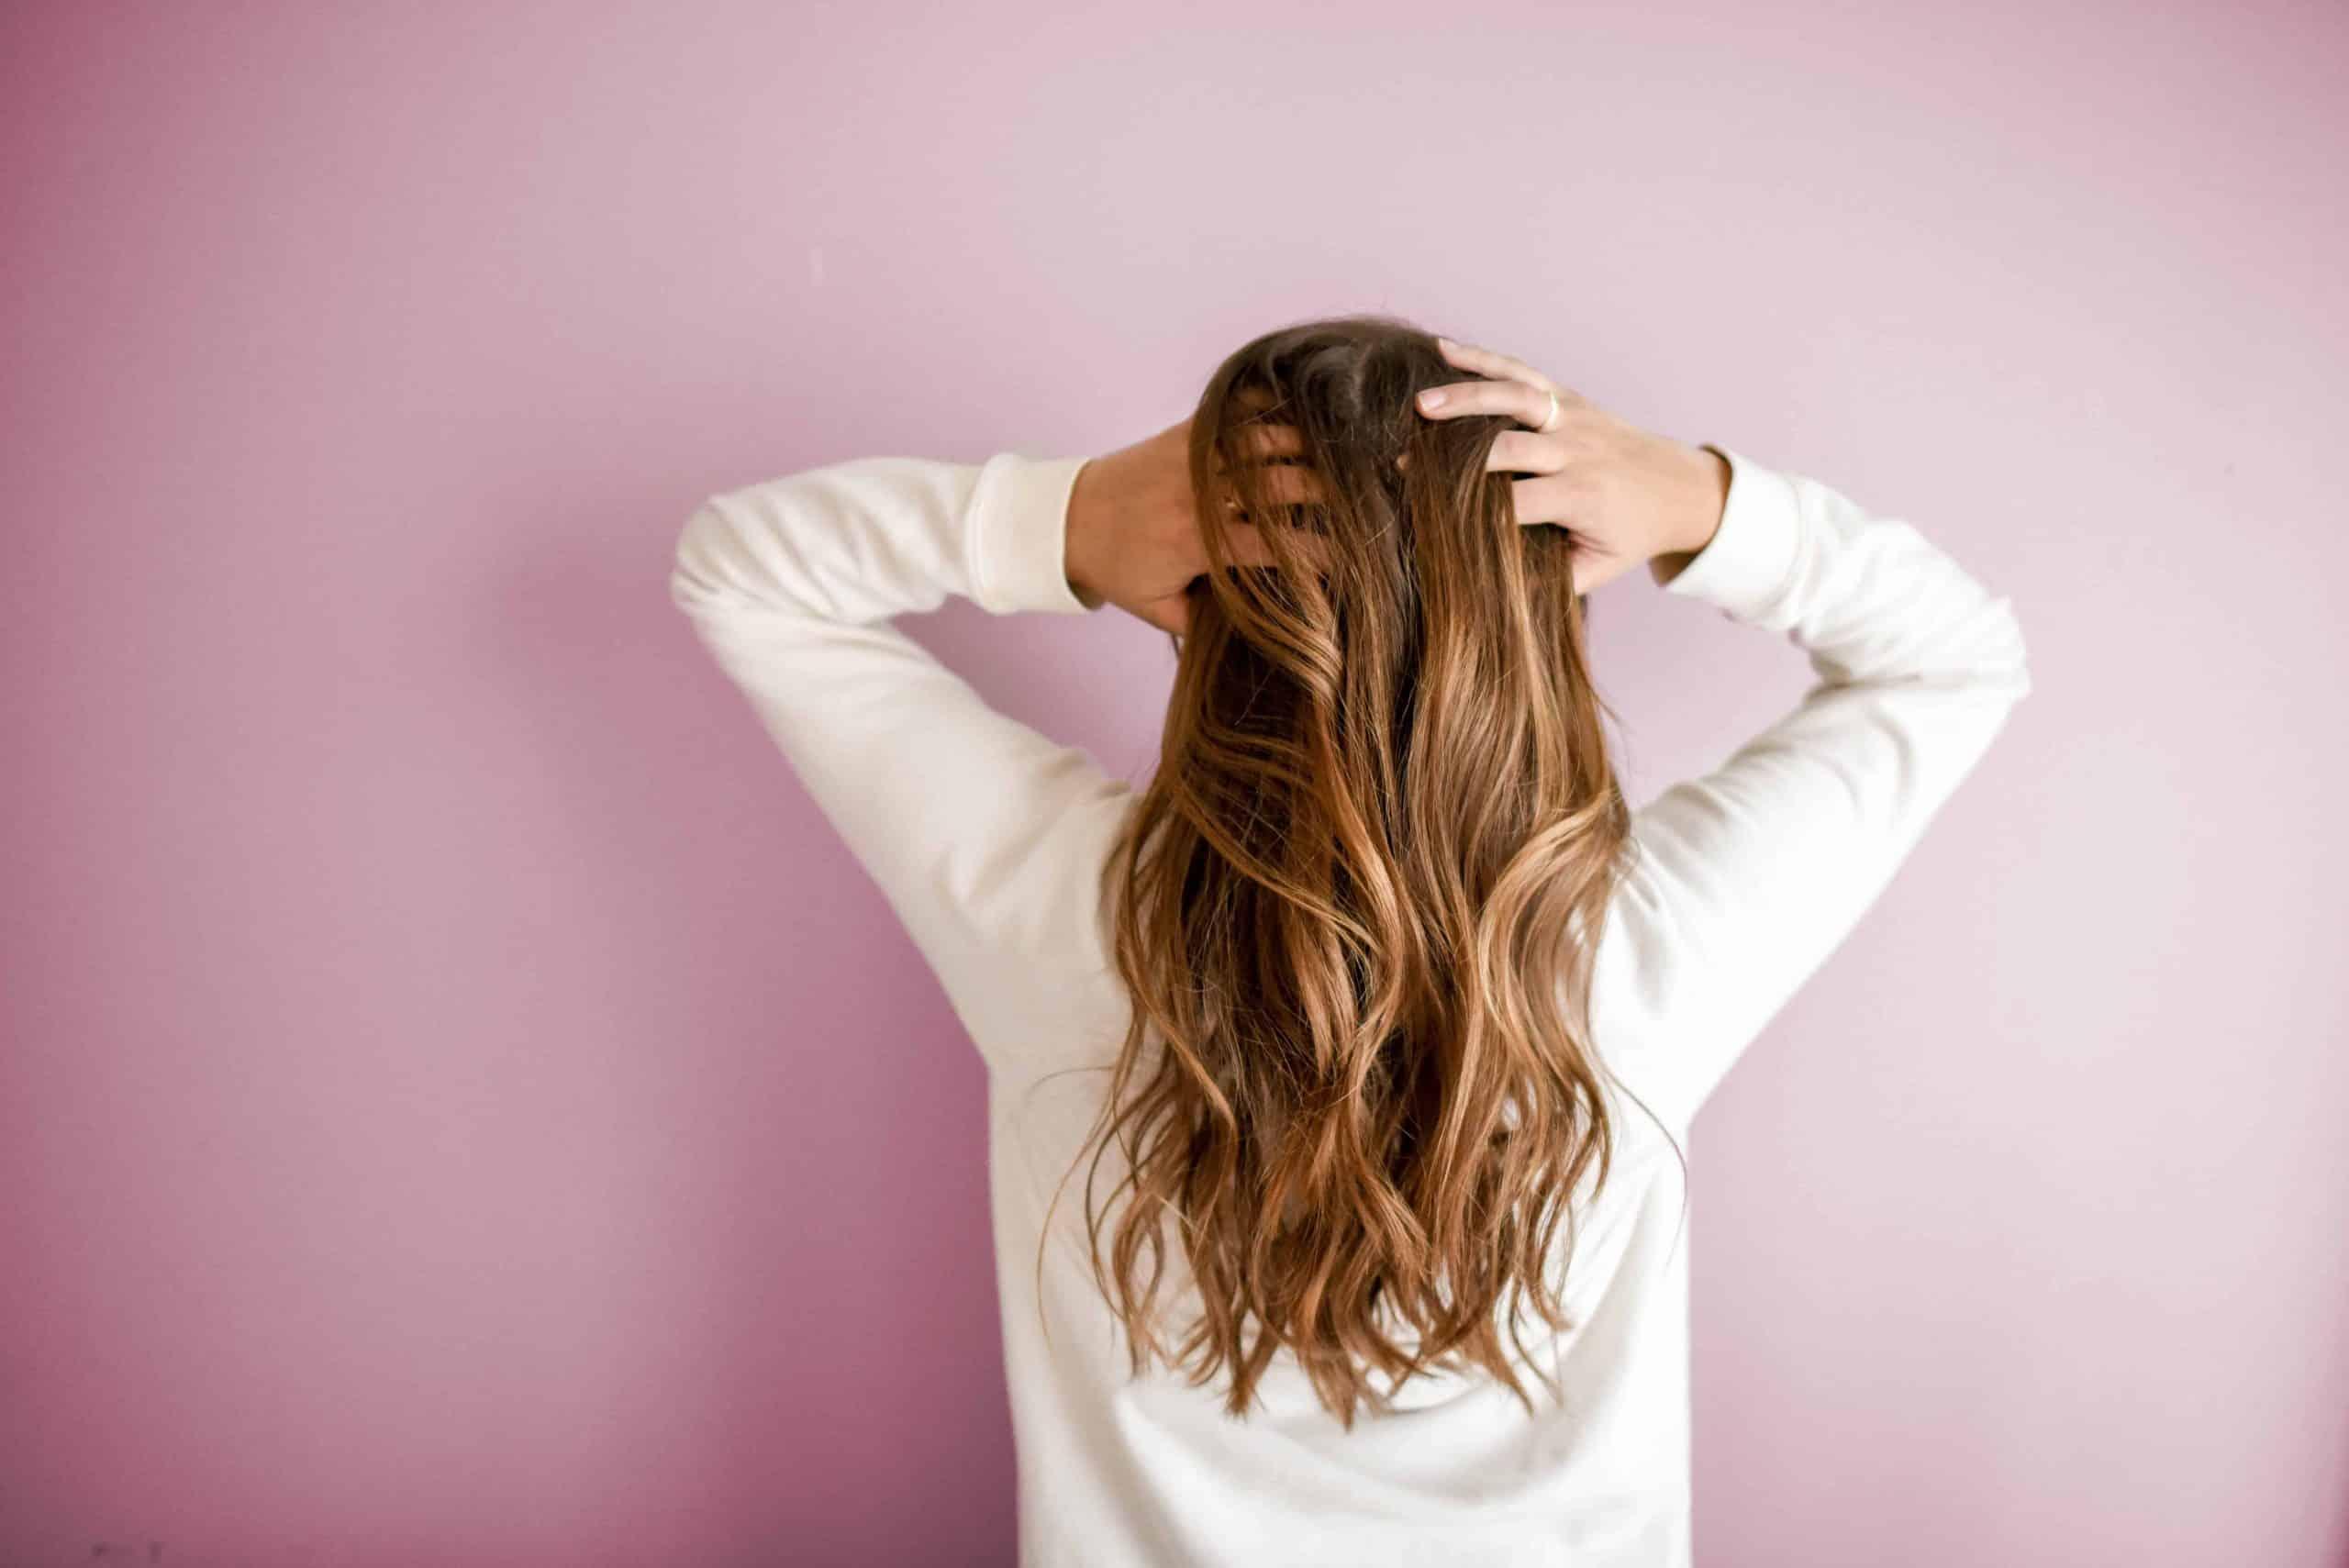 Hair breakage